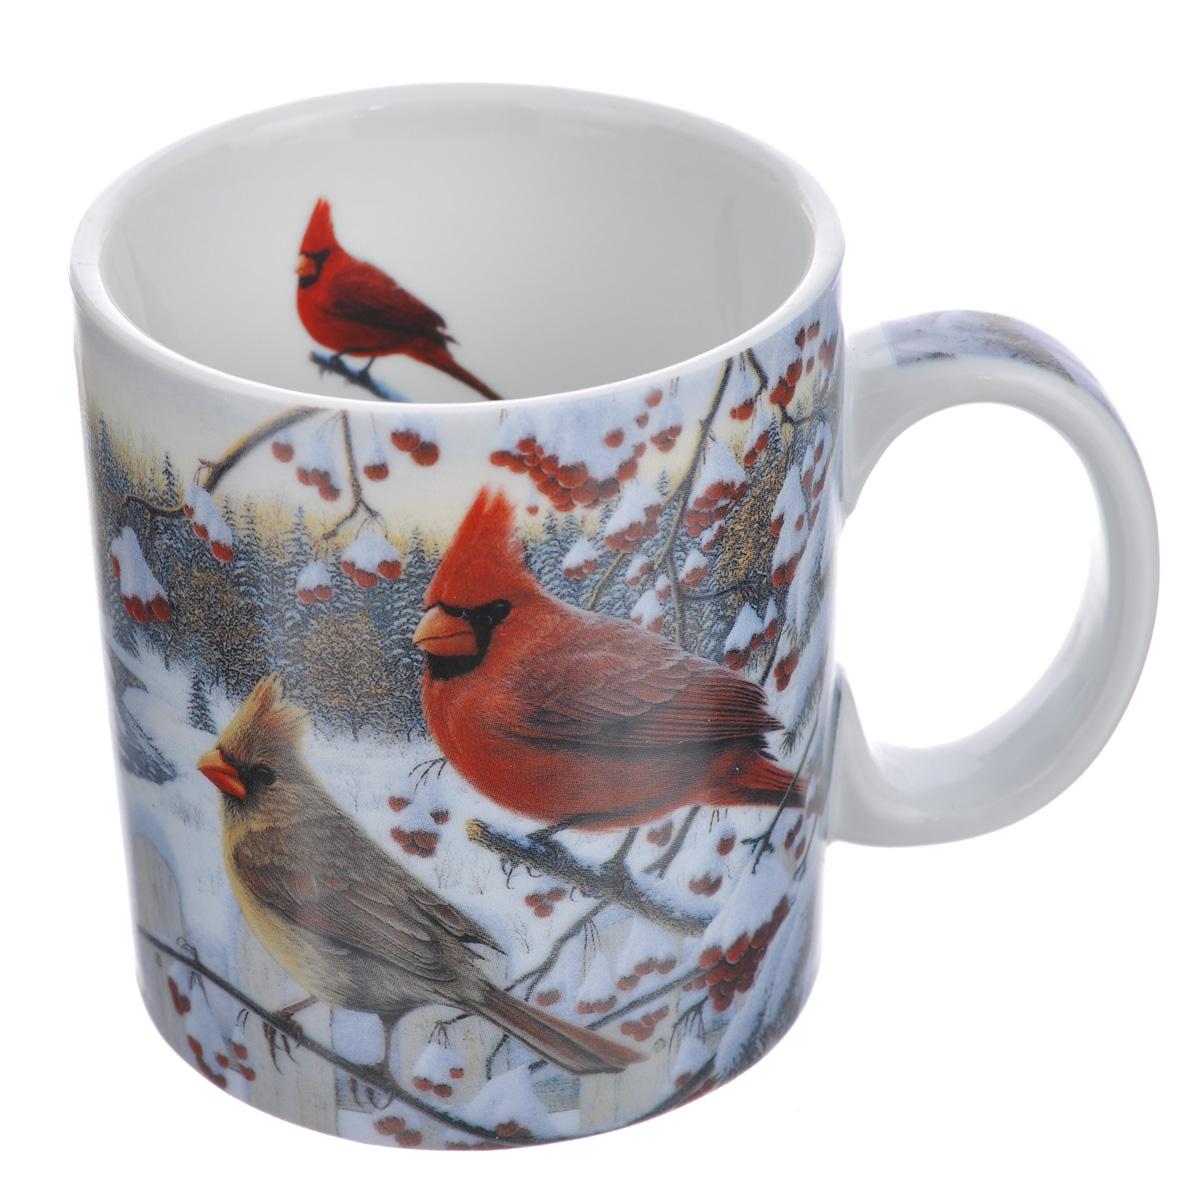 Кружка Reflective Art White Crimson Morning, 425 мл14129Кружка Reflective Art White Crimson Morning изготовлена из высококачественного фарфора. Изделие оформлено красочным изображением зимней природы по мотивам картины американского художника Кима Норлиена. Ручка также оформлена изображением, внутренняя поверхность кружки белого цвета декорирована изображением птицы. Такая кружка согреет горячим чаем в зимние вечера и станет прекрасным сувениром к Новому Году. Можно использовать в микроволновой печи и мыть в посудомоечной машине.